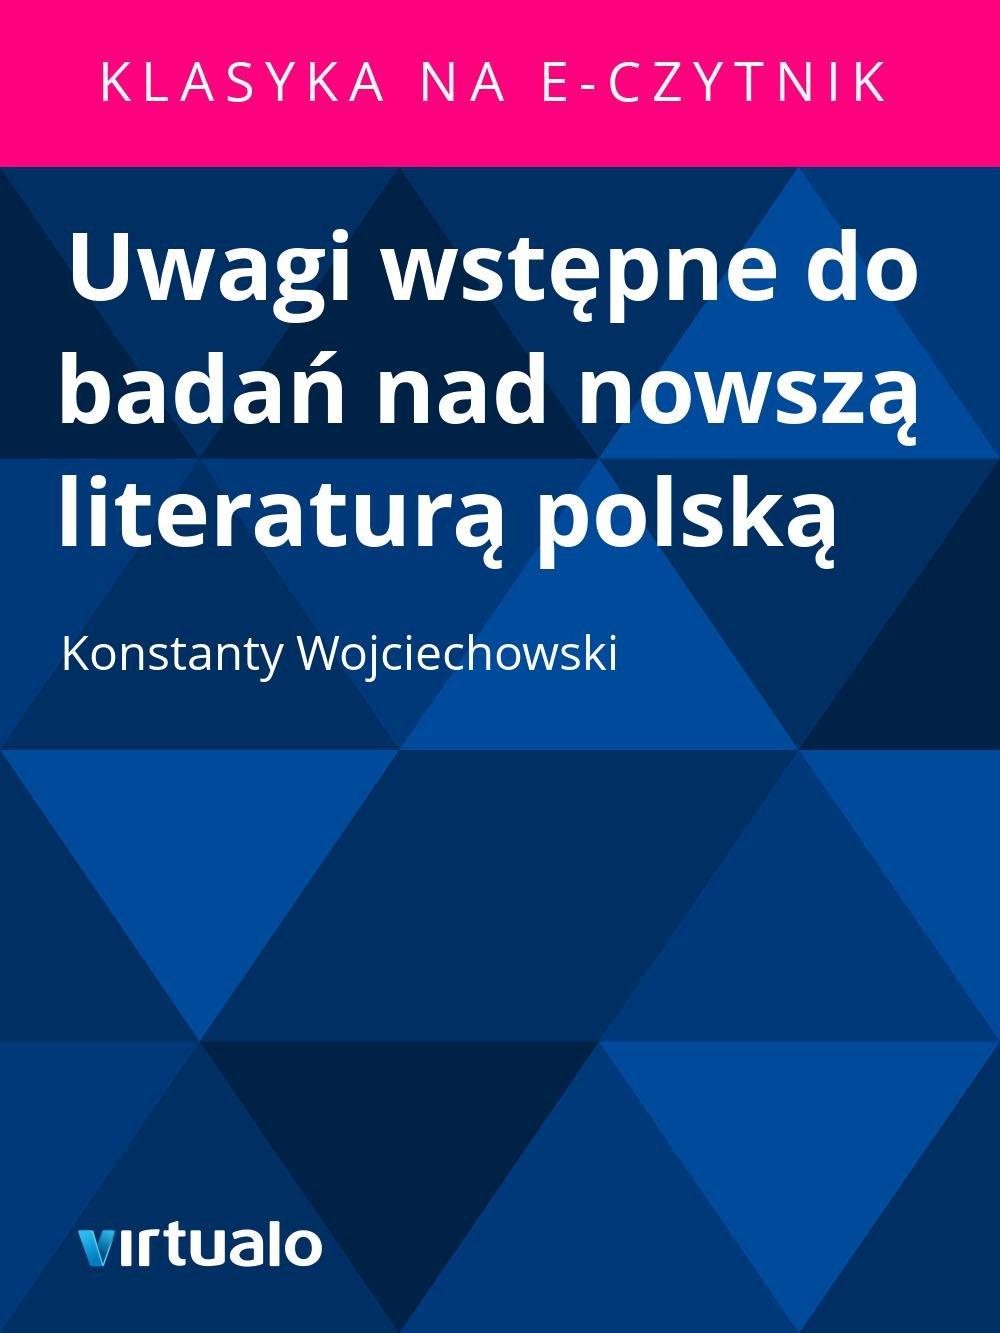 Uwagi wstępne do badań nad nowszą literaturą polską - Ebook (Książka EPUB) do pobrania w formacie EPUB